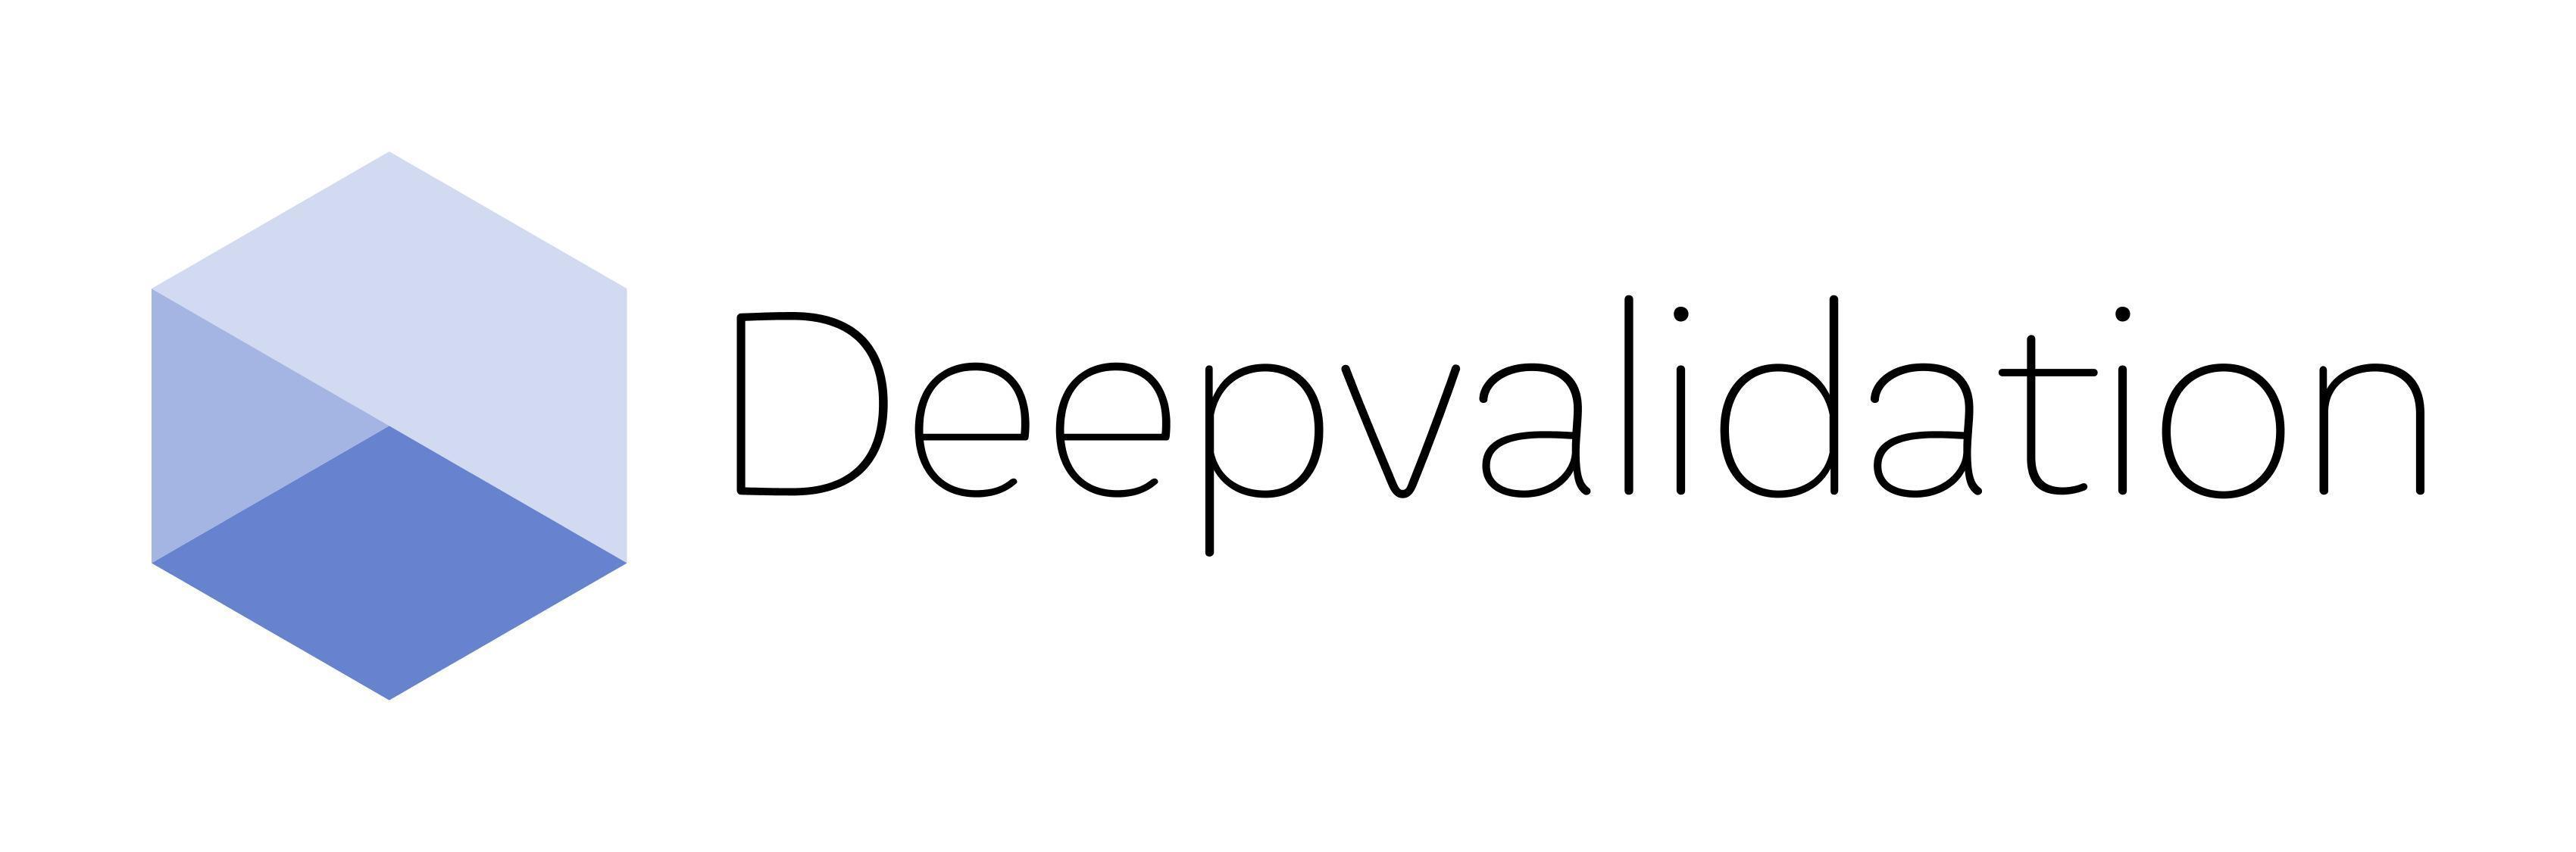 Deepvalidation company logo